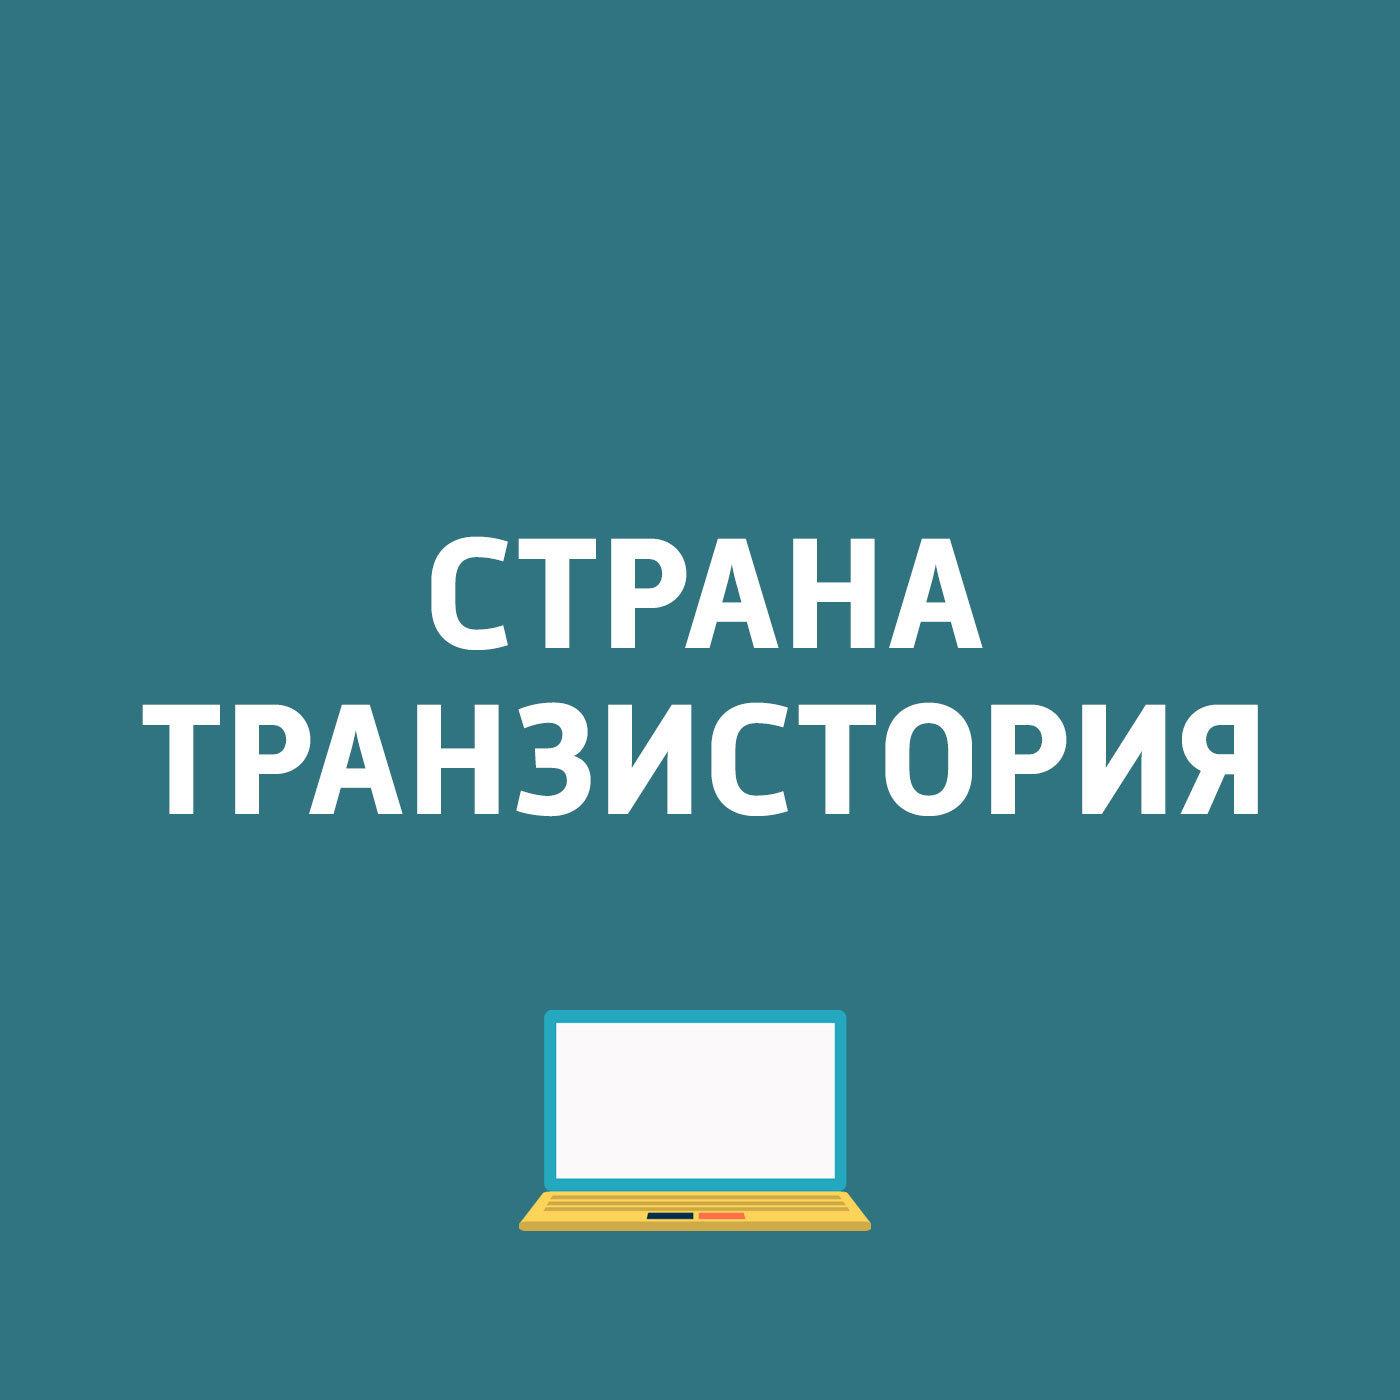 Картаев Павел Начало продаж Xperia XZ2 Premium в России; Графическая архитектура NVIDIA Turing; Google на Android отслеживает и сохраняет действия пользователей картаев павел xperia xz2 и xperia xz2 compact